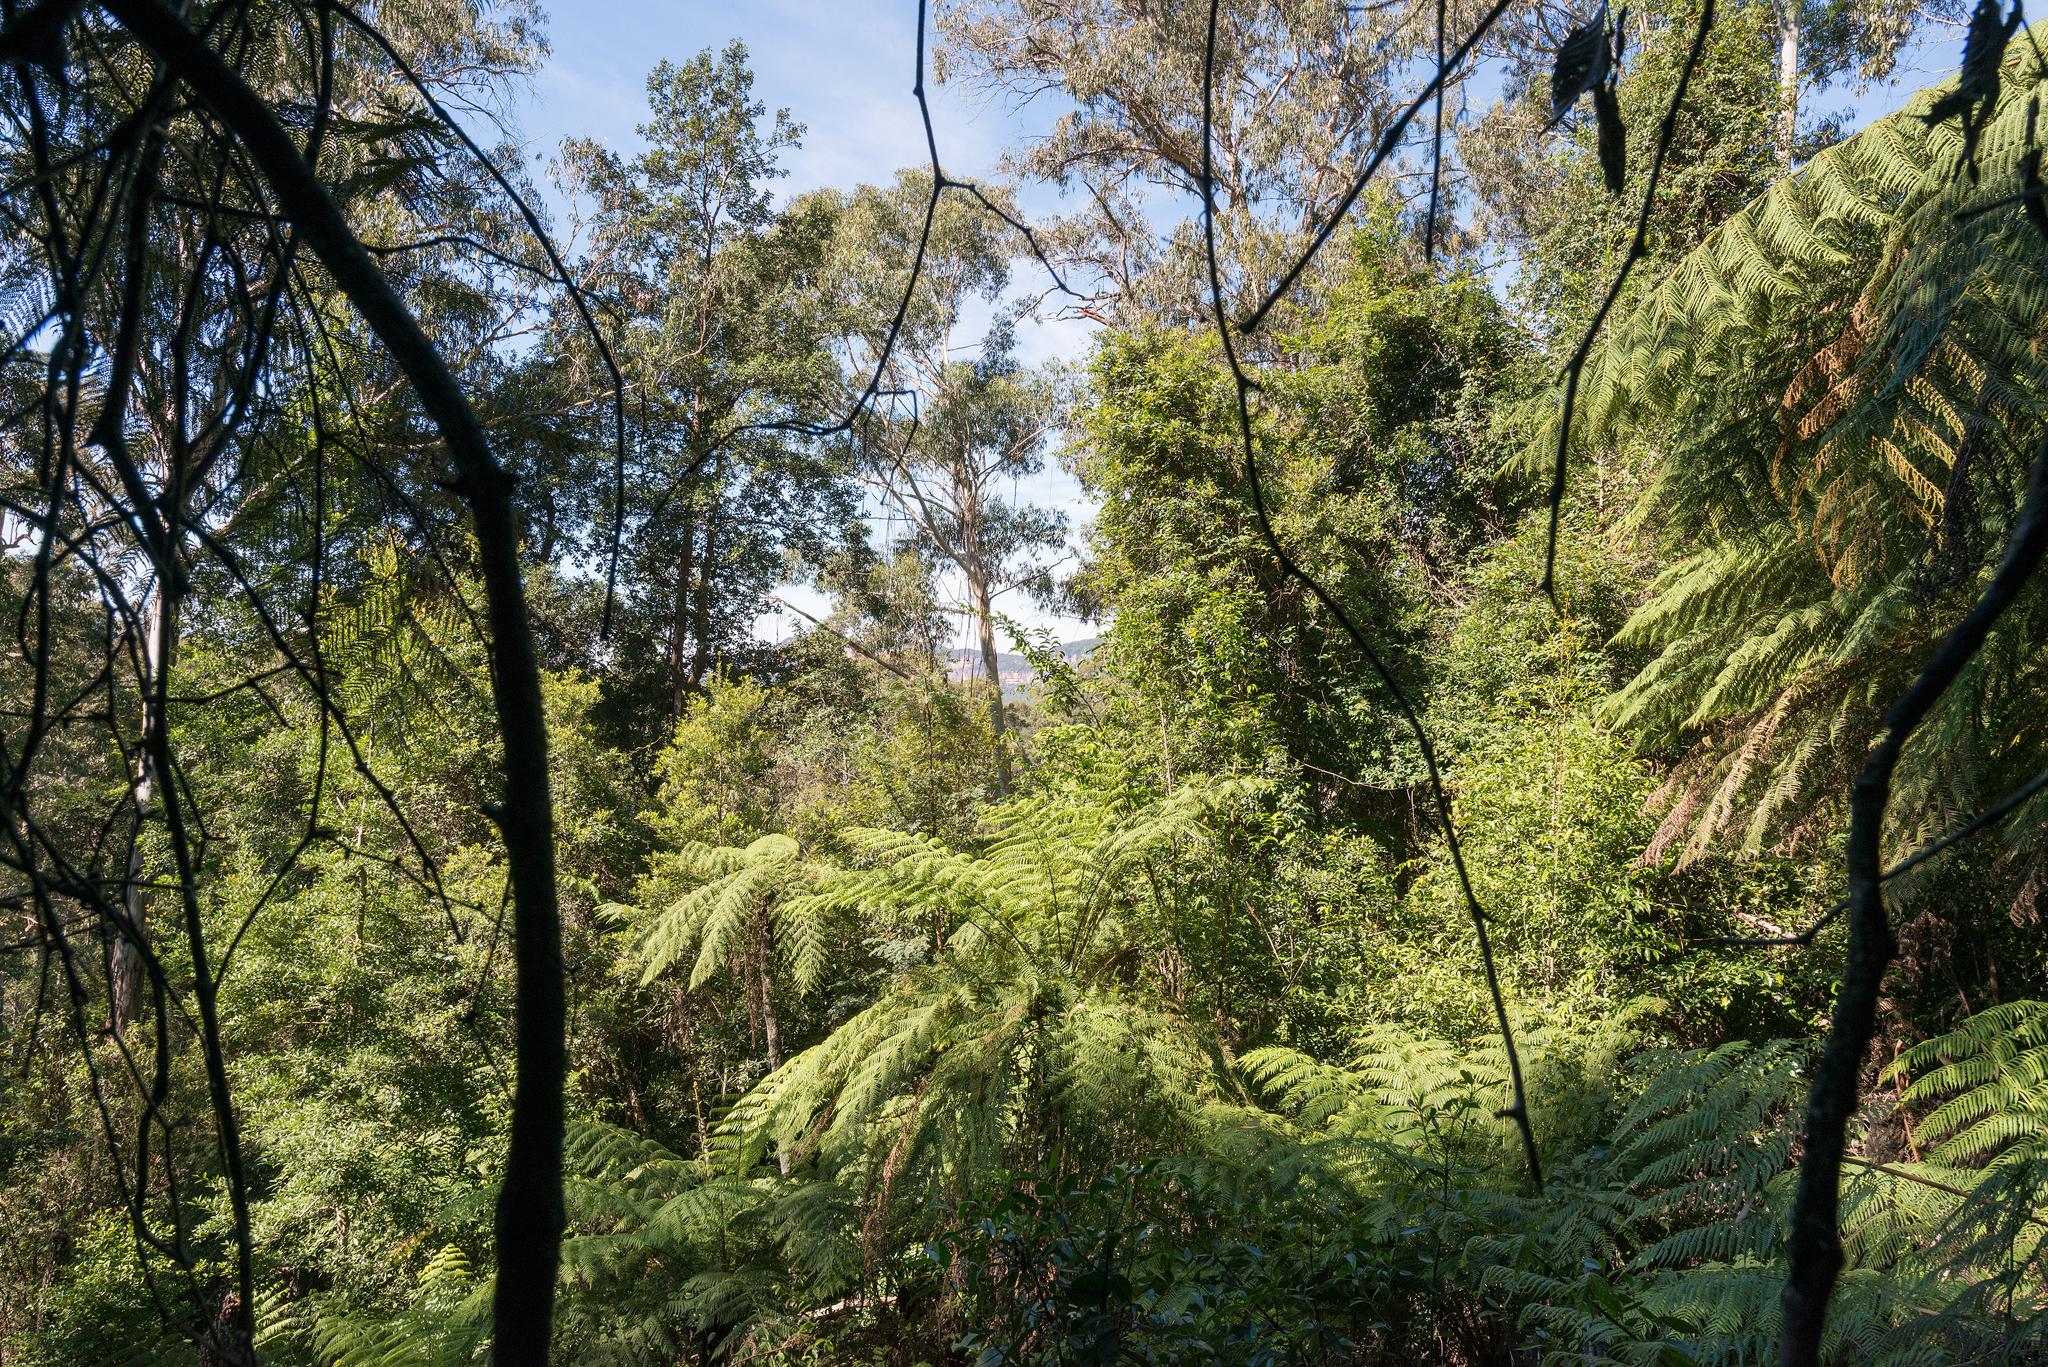 Forest views- april 2016